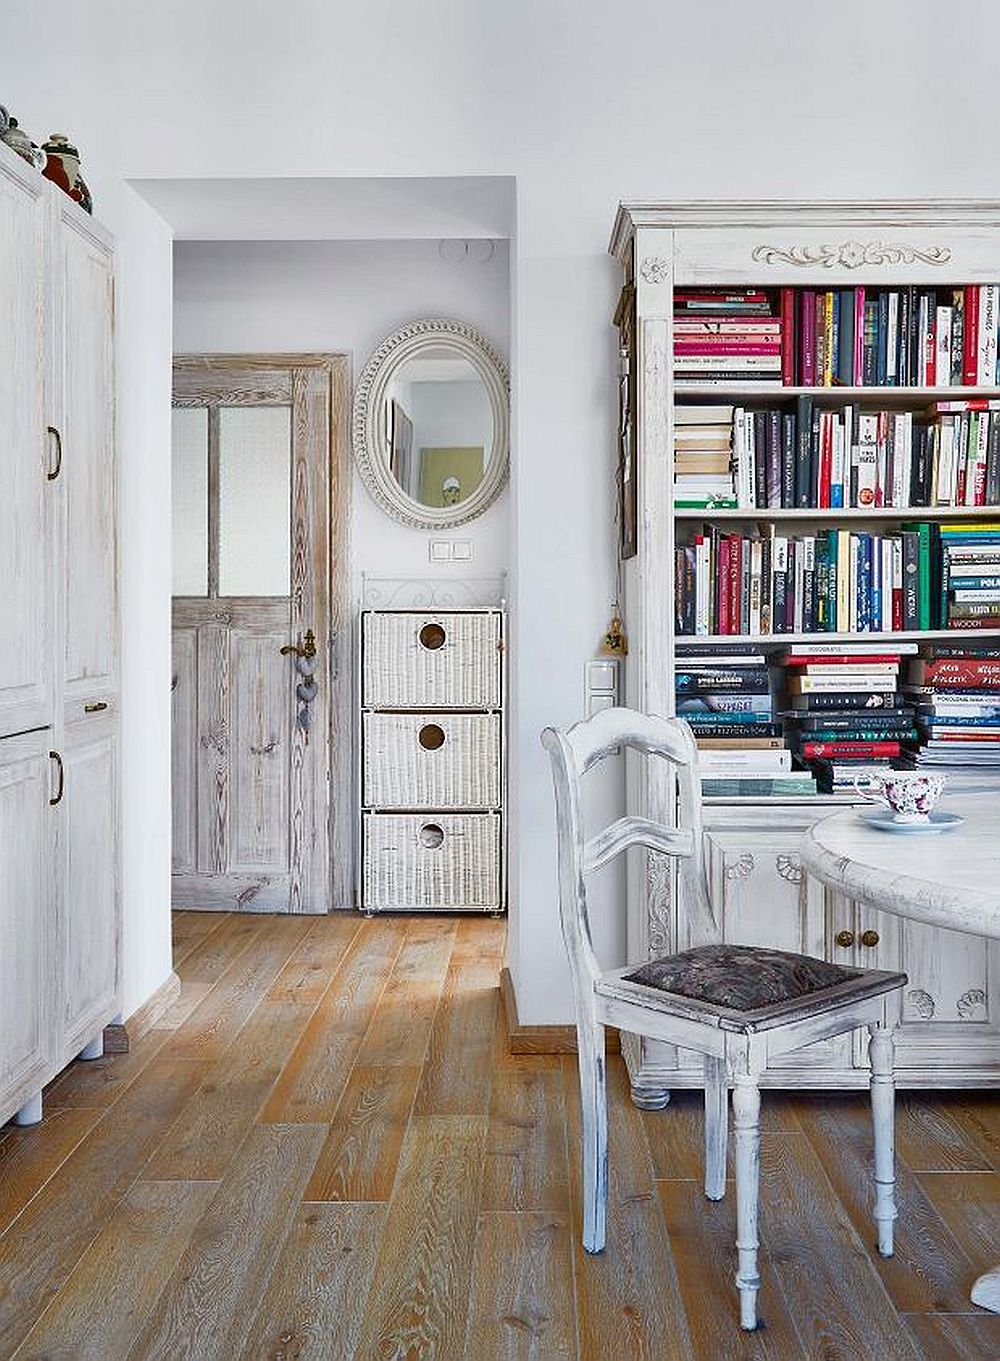 Intrarea în bucătărie este marcată cu un gol, adică fără ușă pentru că în lateralul acestuia (stânga) sunt mascate electrocasnicele mari: combină frigorifică și mașina de spălat). Proprietara a folosit un dulap actual, cu uși frezate pe care le-a patinat la fel ca și textura ușilor. Prezența cărților în bucătărie dă aspectul unei camere primitoare, care alungă caracterul tehnic al camerei. Biblioteca a fost și ea realizată dintr-o piesă veche de mobilier decorată cu ornamente din lemn și ulterior patinată (găsești ornamente din lemn la Gold House Concept). Mobila similară pe care să o poți finisa cum vrei găsești la Gold House Concept, iar piese de-a gata la Retroboutique.ro și la MaisonRomantique.ro